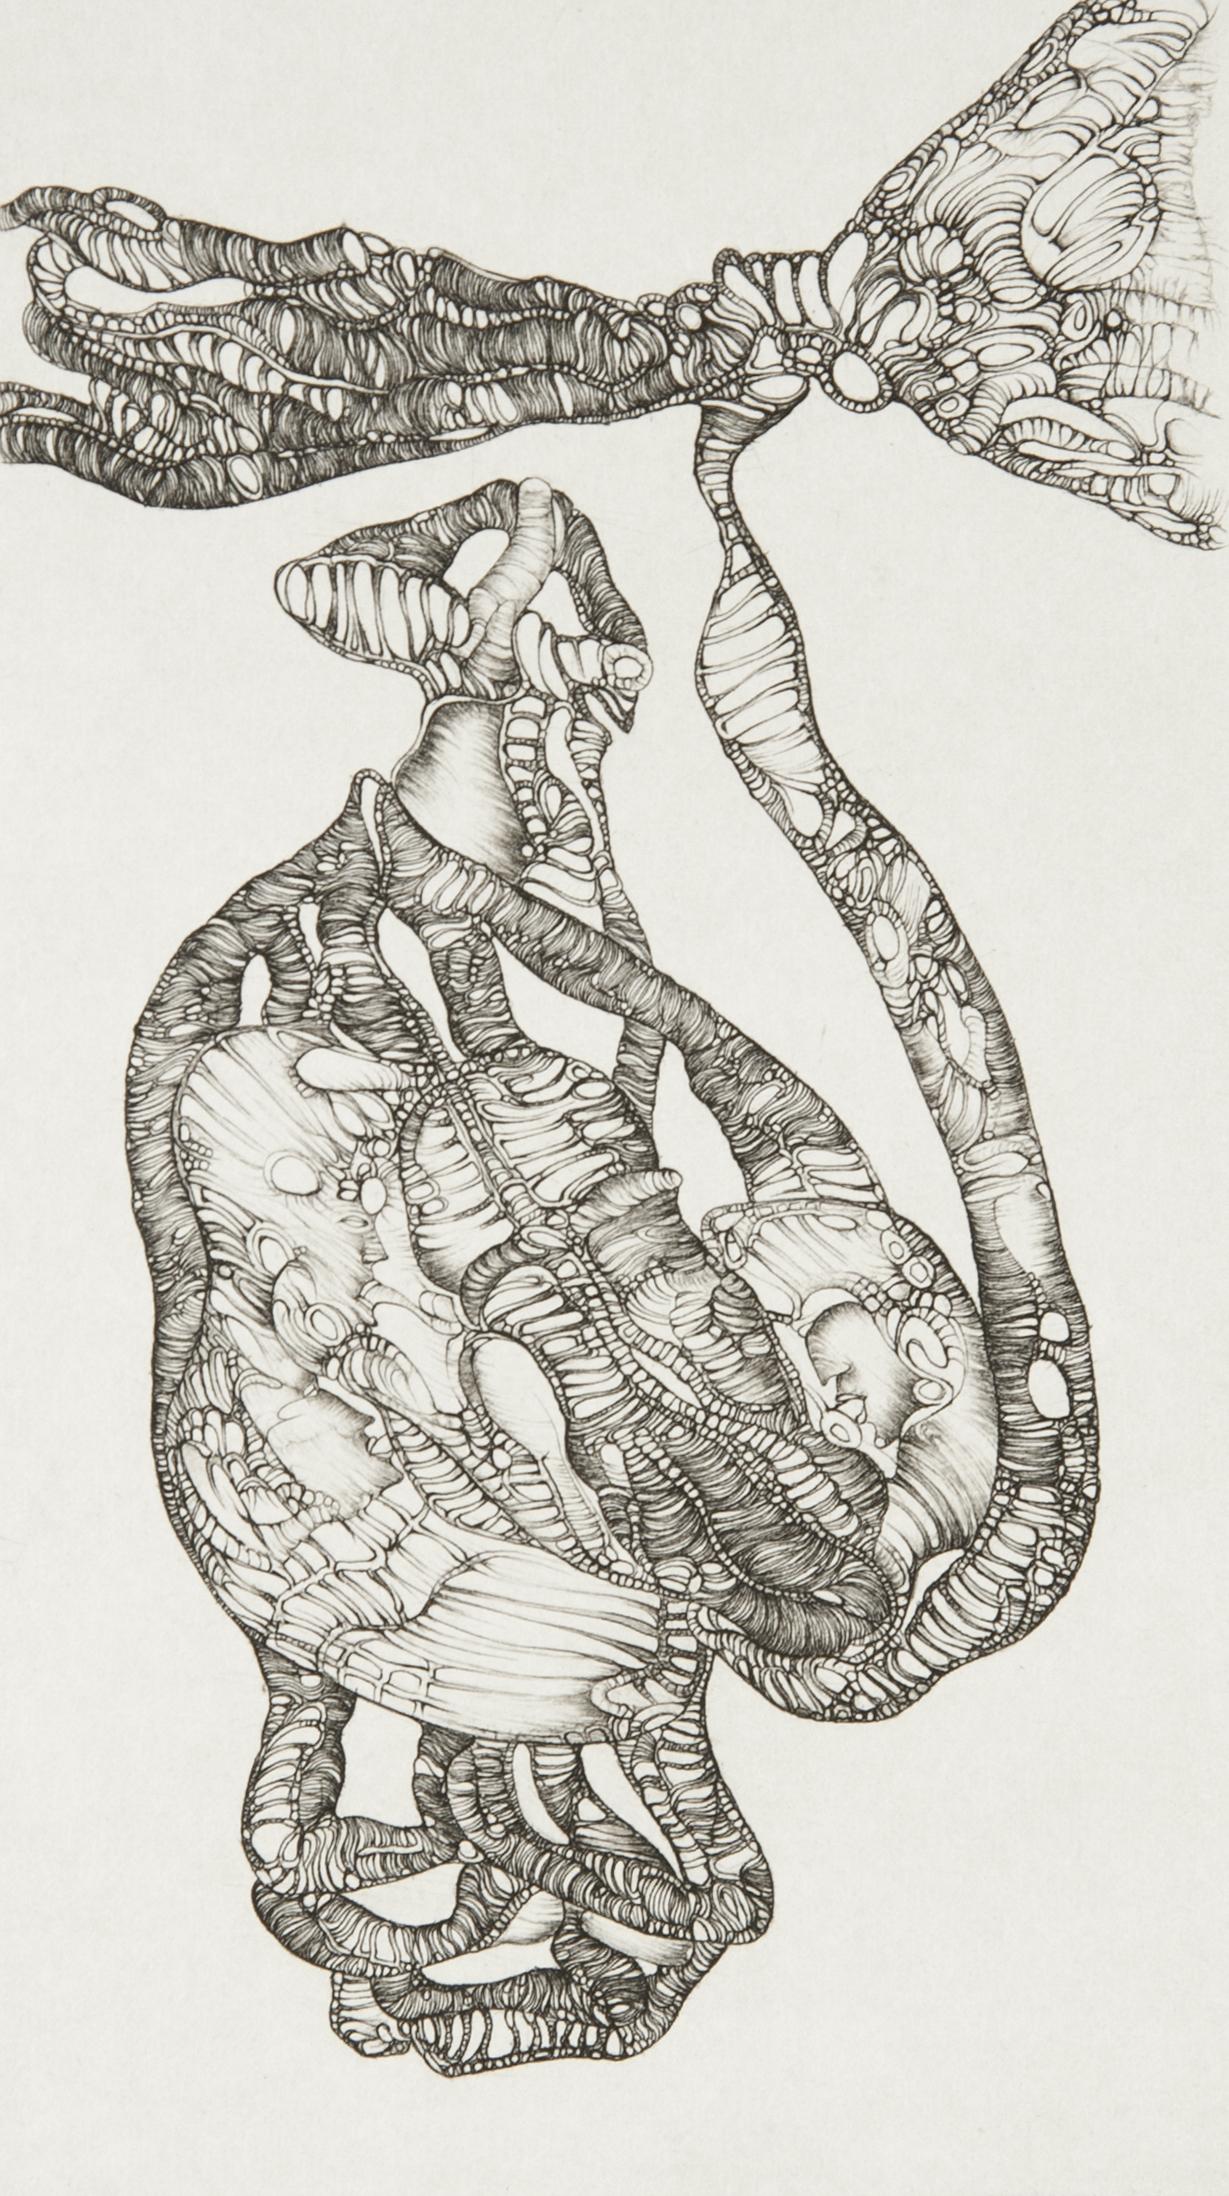 Cécile Reims, En visière, d'après Fred Deux, 1975 Epreuve sur papier vélin d'Arches, 19 x 10,5 cm